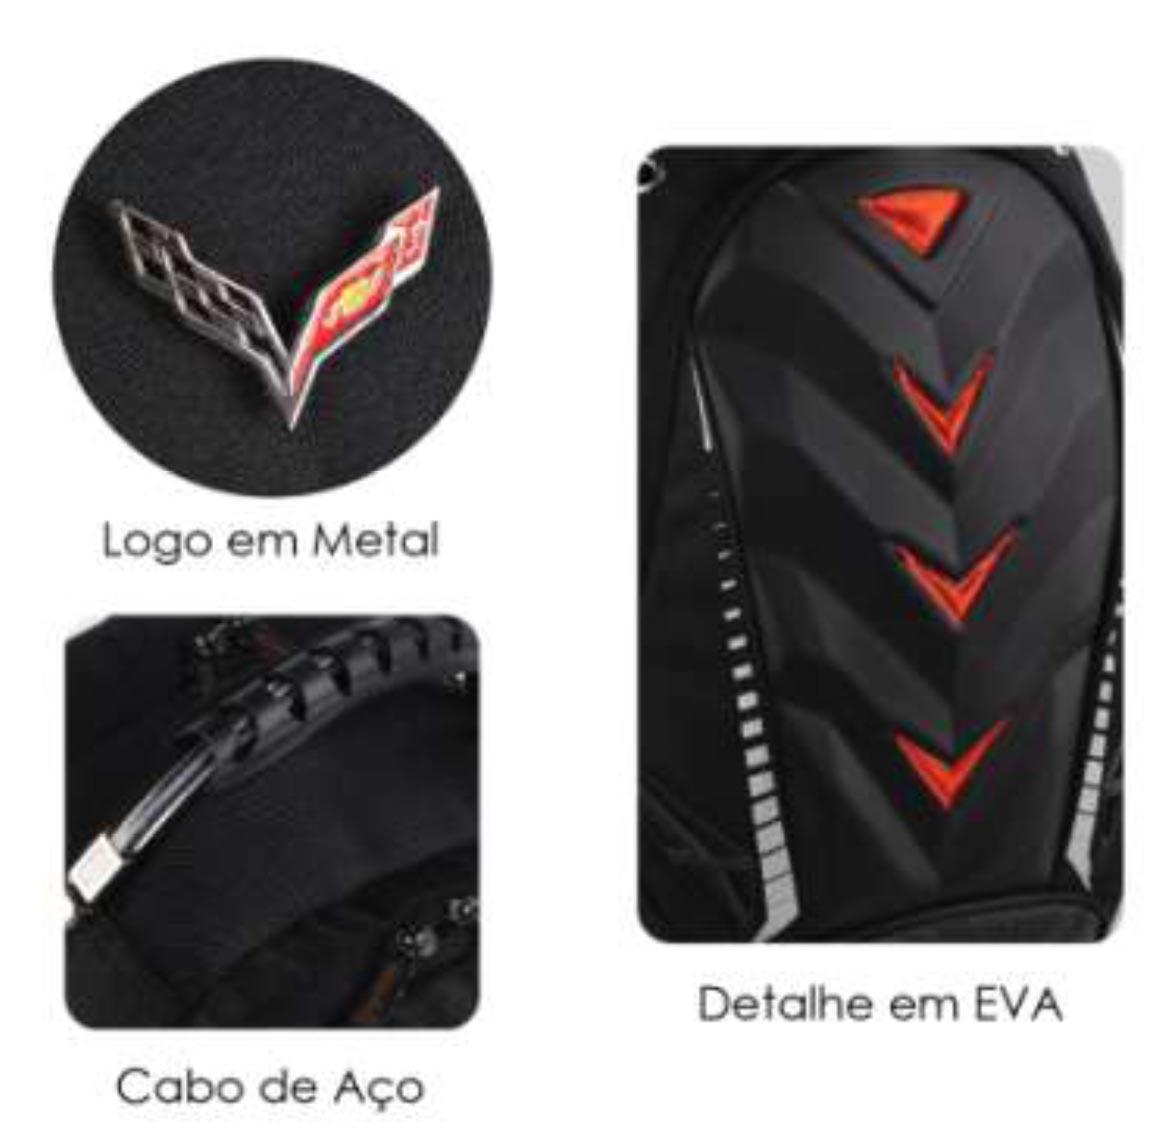 Mochila Esportiva p/ Notebook Luxcel Preta - CORVETTE  - FAMATECNOSHOP